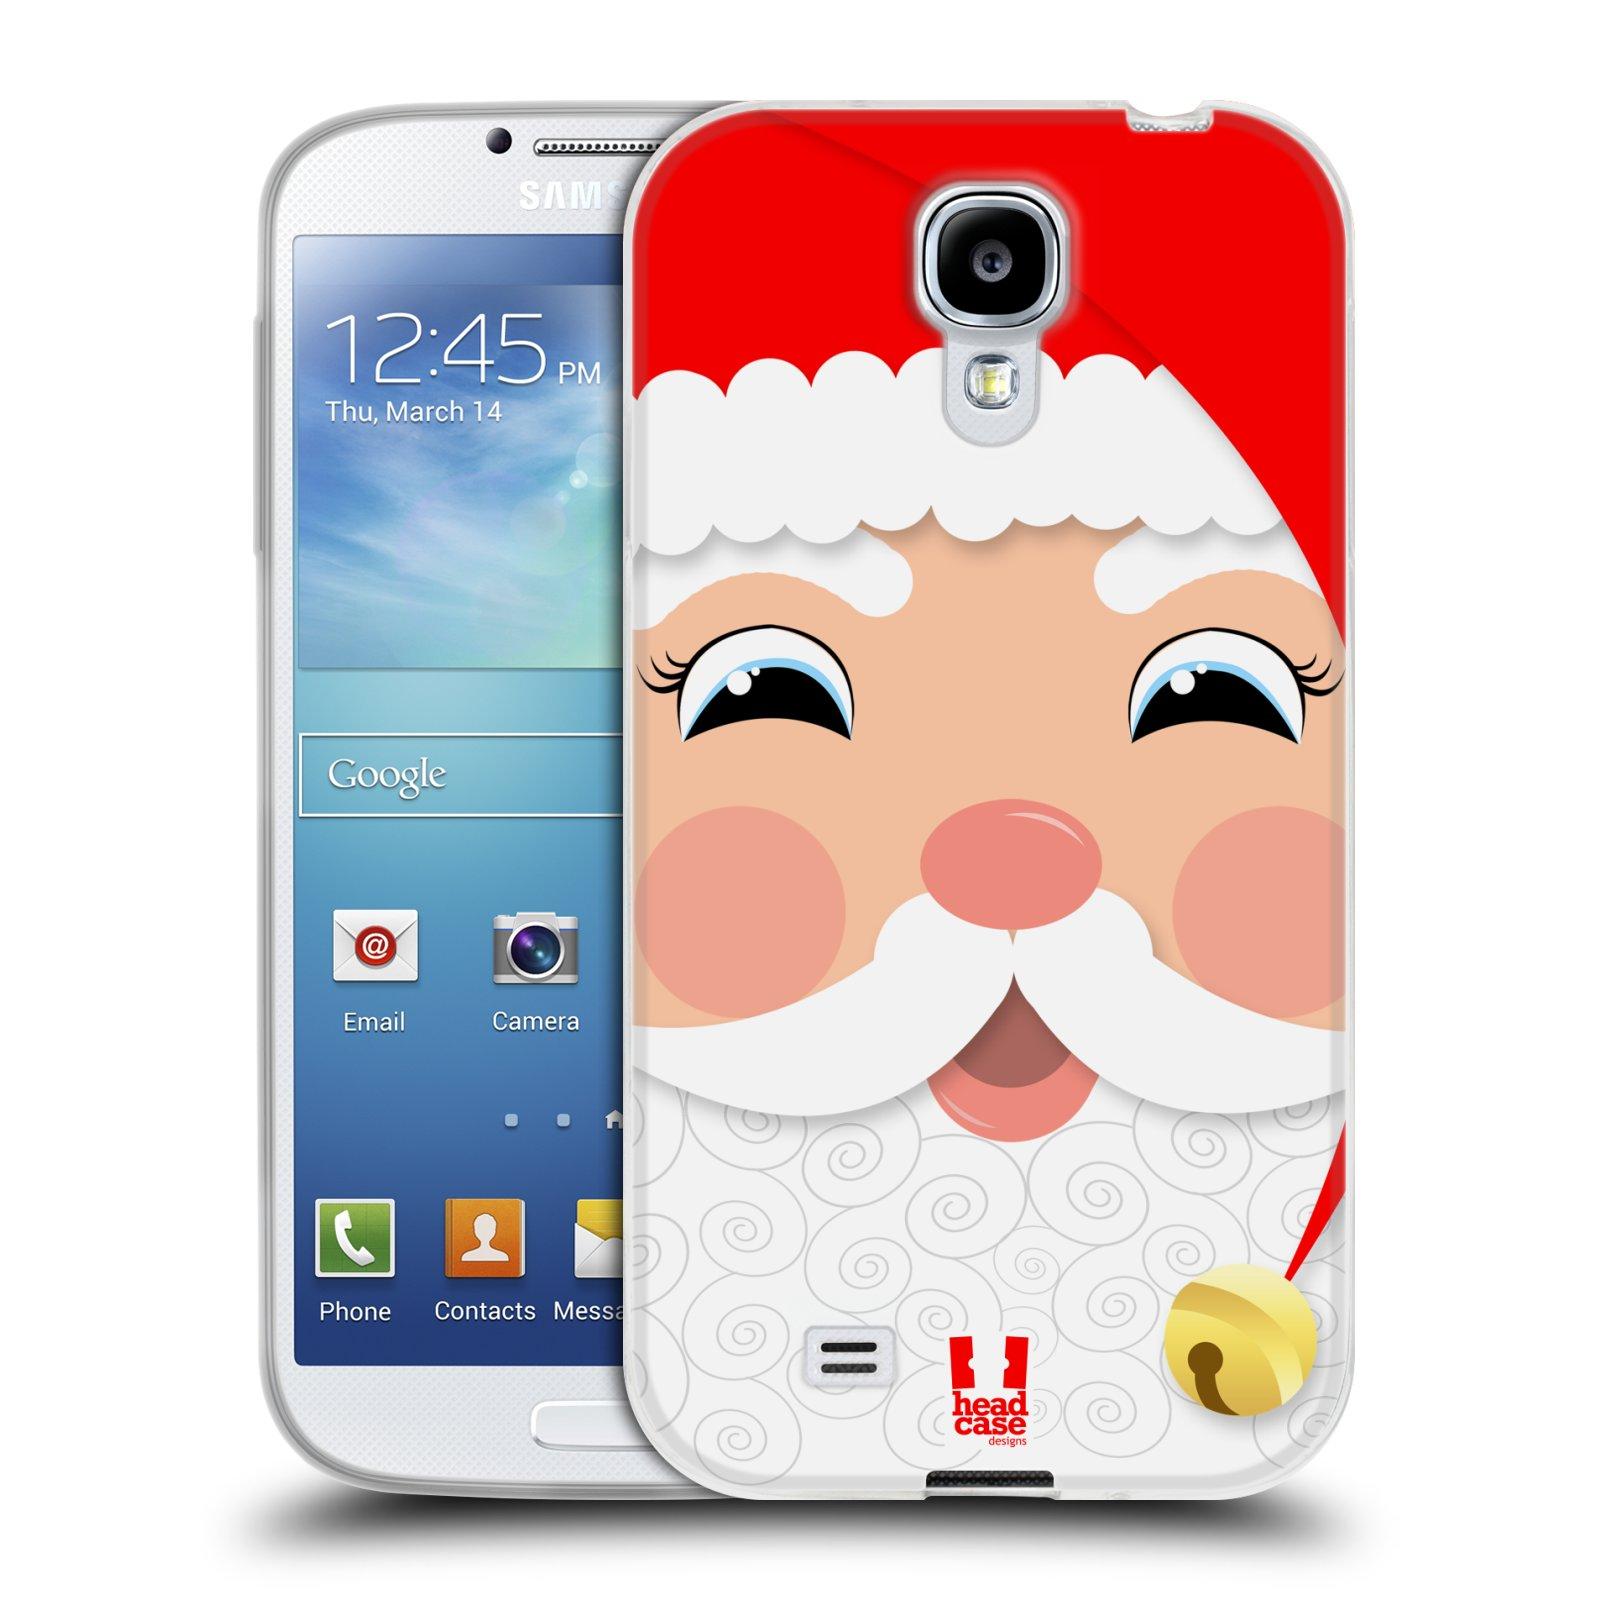 Silikonové pouzdro na mobil Samsung Galaxy S4 HEAD CASE VÁNOCE SANTA (Silikonový kryt či obal na mobilní telefon Samsung Galaxy S4 GT-i9505 / i9500)